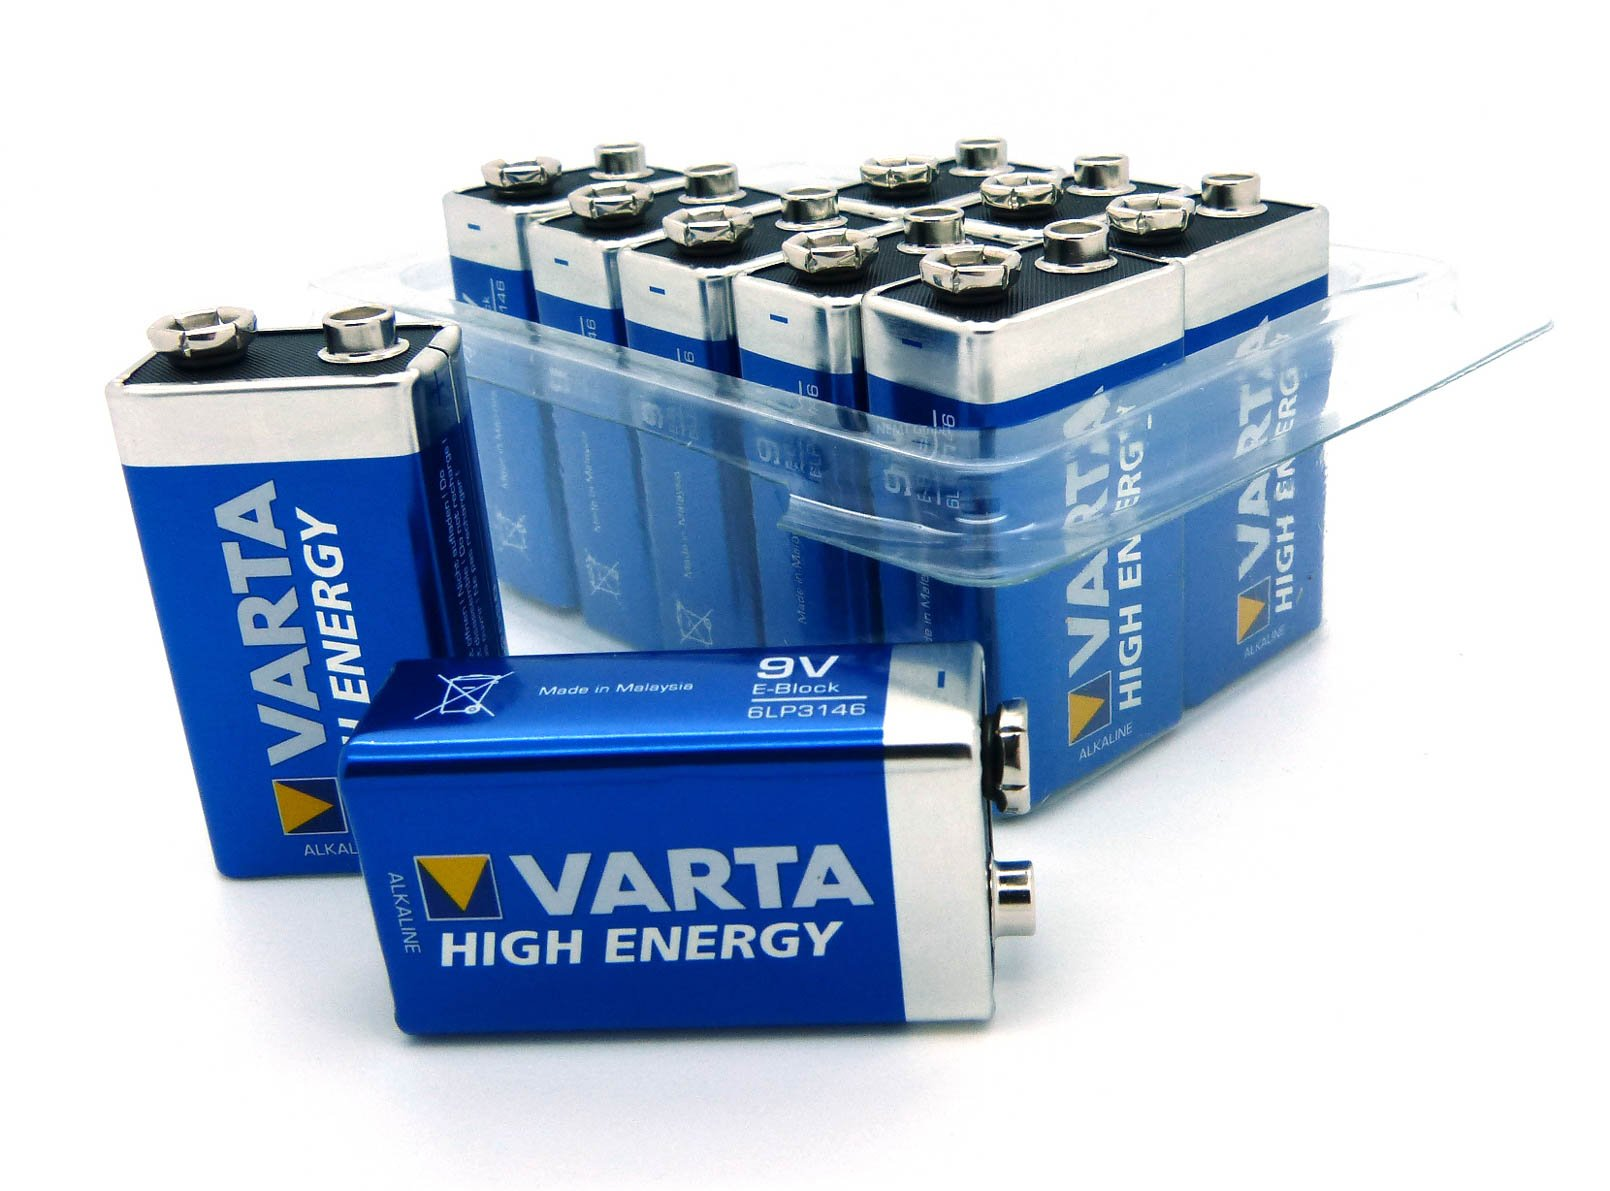 Akkus & Batterien Nemt Flachbox Mit 48 X Varta Longlife Power set 2: 48x Mignon Aa Lr06 +box